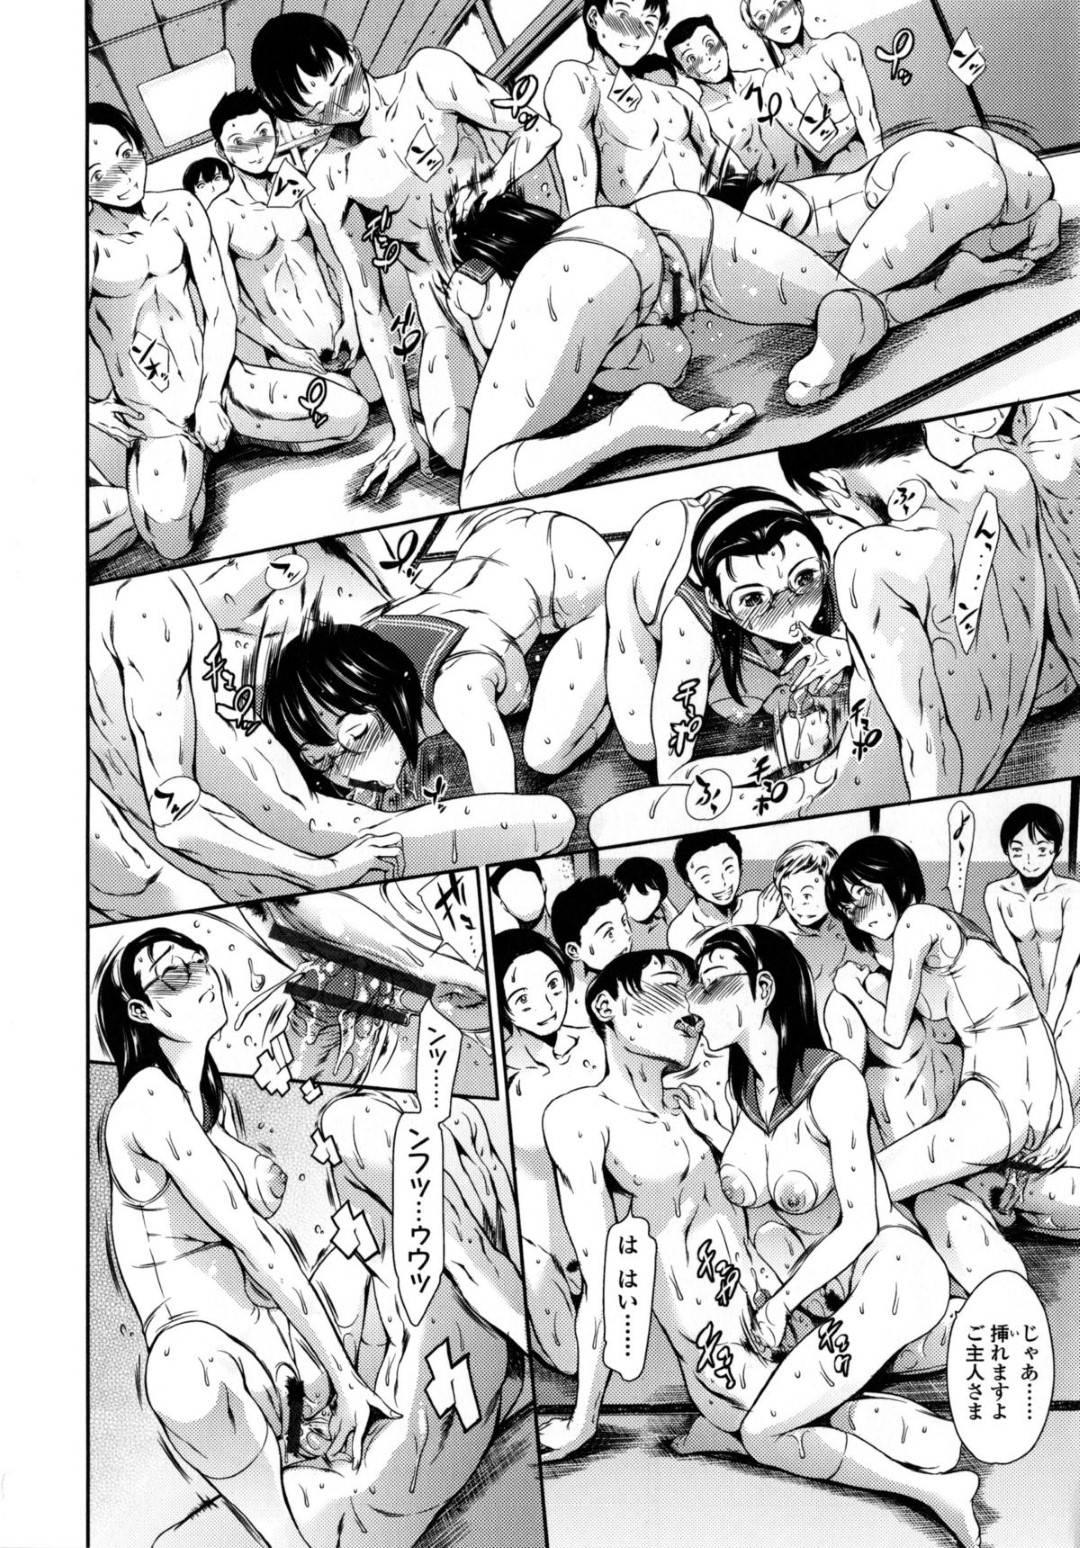 【エロ漫画】同級生の男子たちと乱交セックスする羽目になった真面目JK…見かけに反して積極的に彼女は次々とフェラ抜きし、バックや騎乗位などの体位で中出しセックスしまくる!【まぐろ帝國:津田沼聡美の憂鬱】